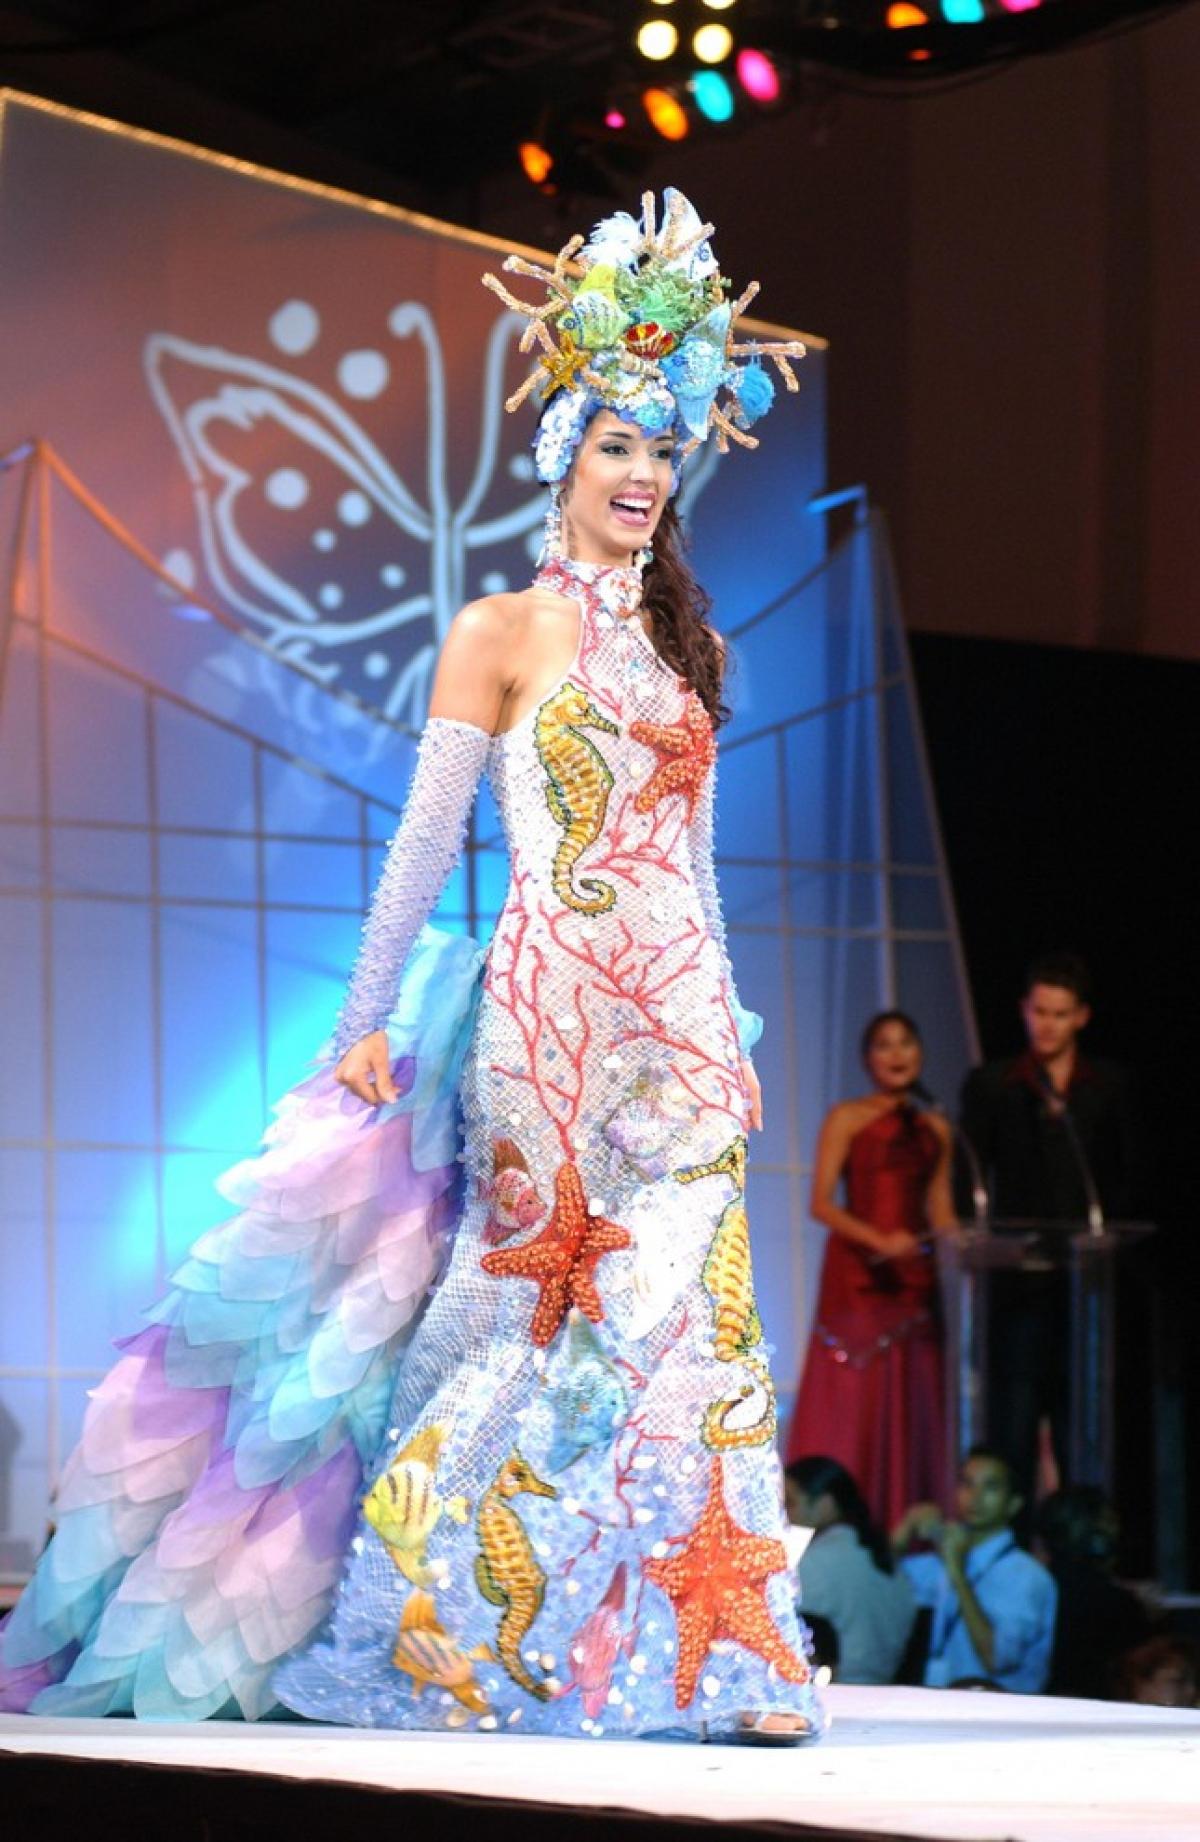 Kết thúc nhiệm kỳ Hoa hậu, cô làm việc cho hãng truyền hình Telemundo, là một người dẫn chương trình trênVoces de America. Ngoài ra, cô còn phát hành album ca nhạcAgua Dulcevà lấn sân sang lĩnh vực kinh doanh.